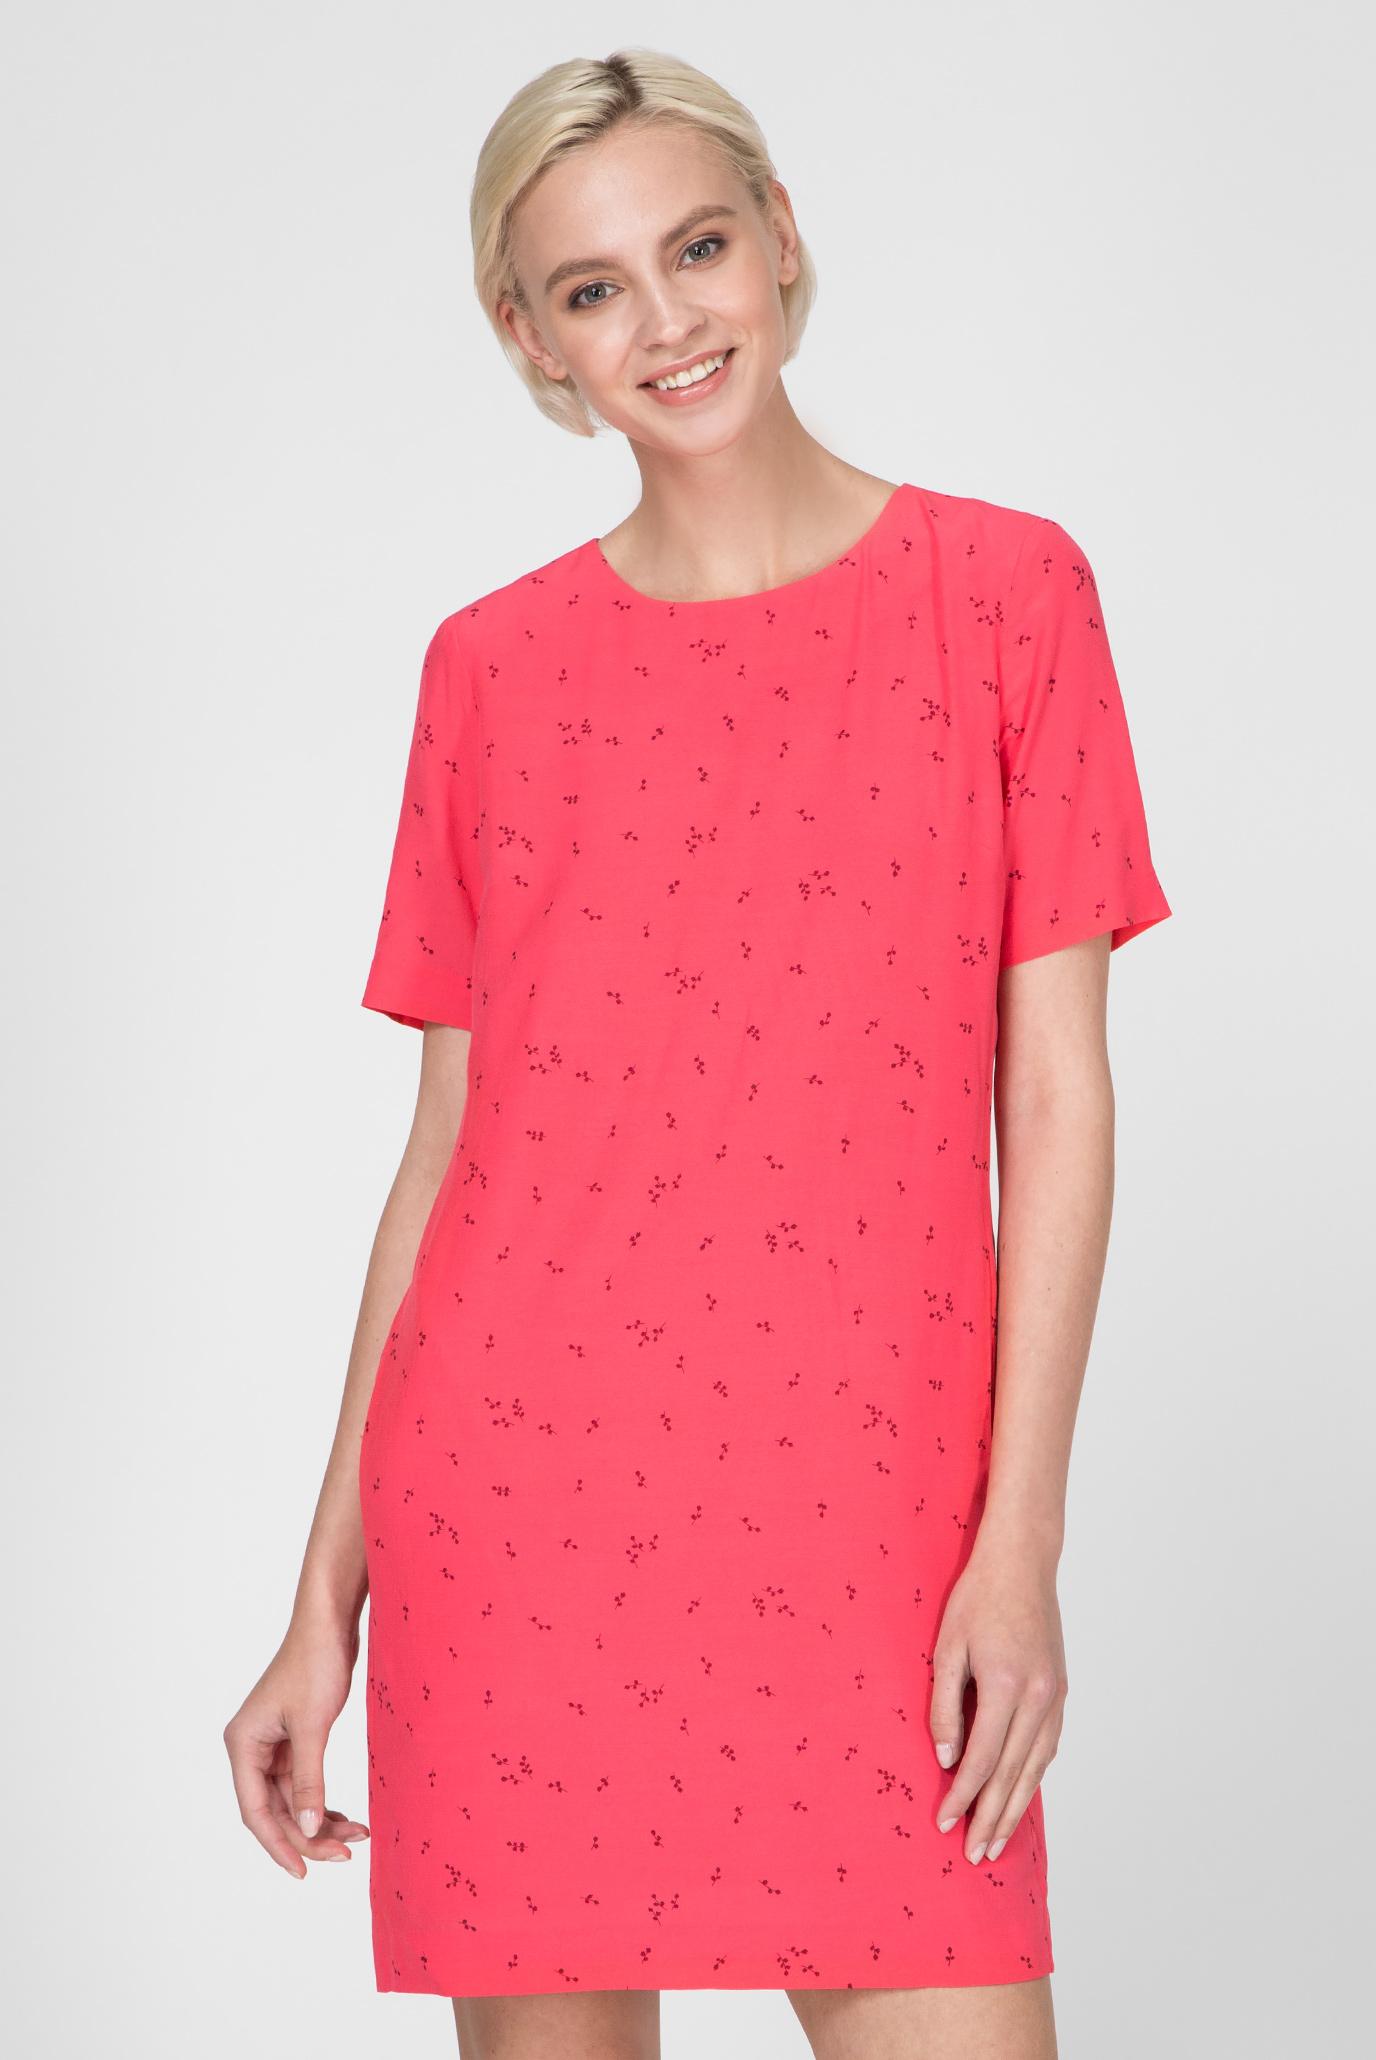 4a7bce63b920 Купить Женское малиновое платье MICROFLOWER PRINT Gant Gant 4501037 ...